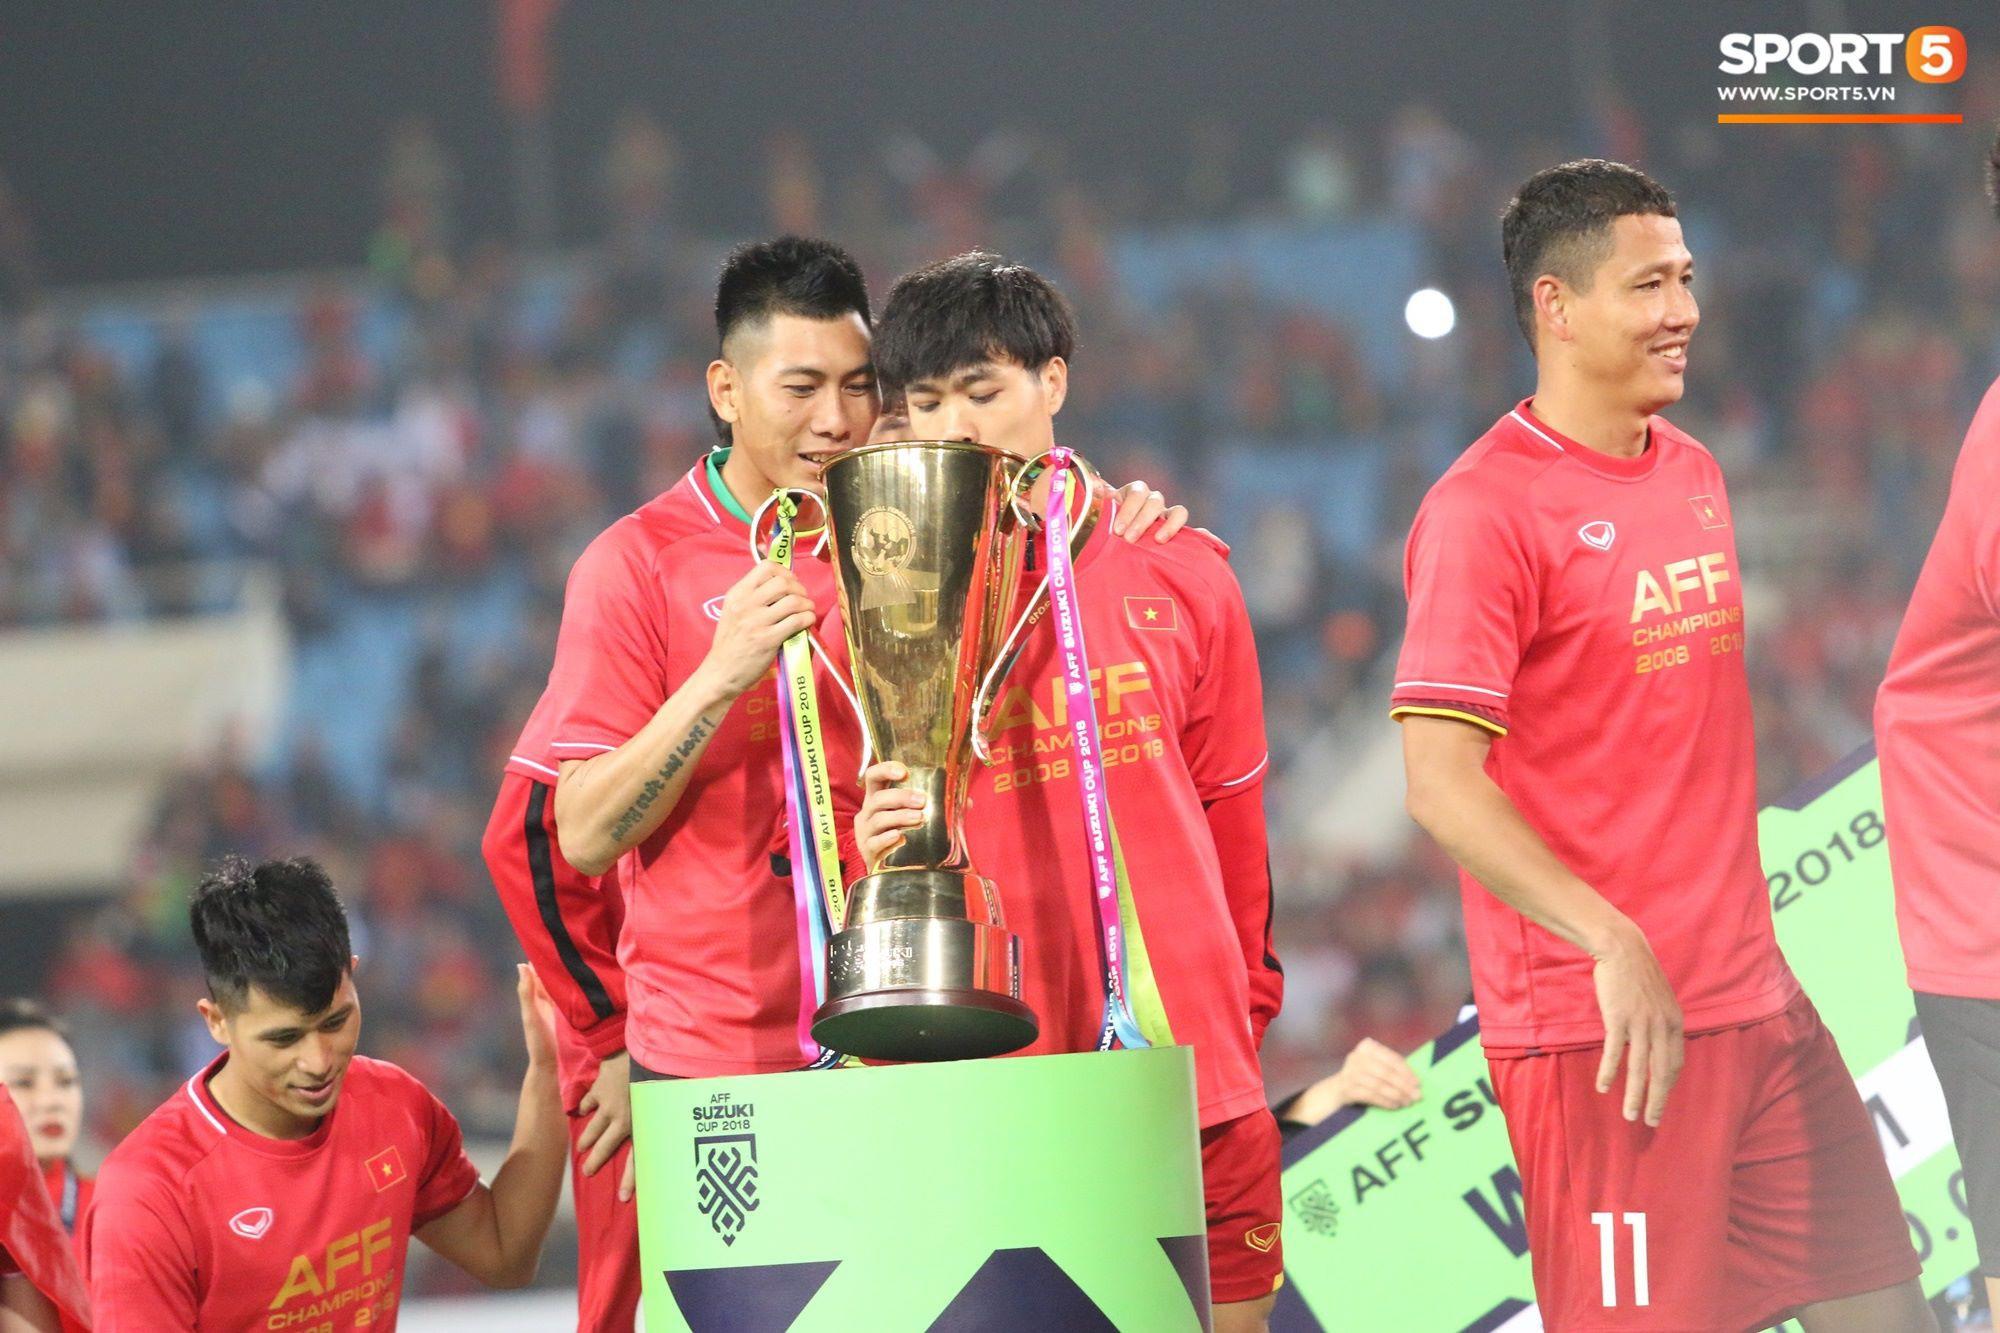 Khoảnh khắc hài hước: Công Phượng tỉ mỉ kiểm tra cúp vàng AFF Cup 2018 là thật hay giả